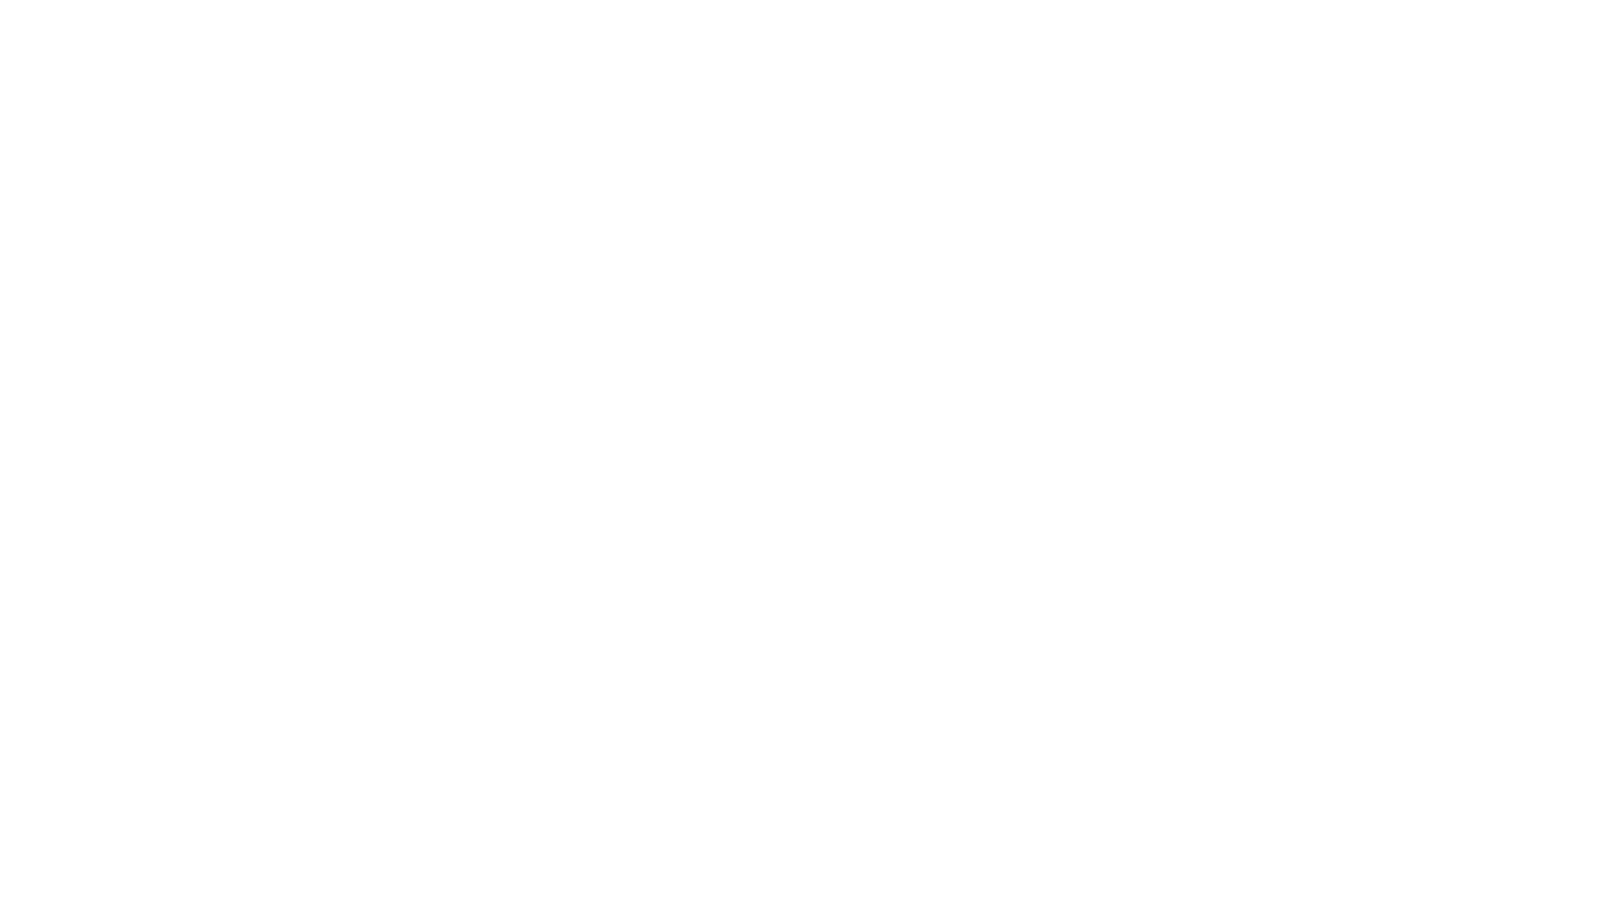 広陵で働く! vol.4 SBレジデンシャル株式会社 米川さん  広陵町にも若手が働く場所がある! そんな情報を発信する企画が「広陵で働く!」です。  第4回は広陵町に爆誕したベンチャー不動産企業!SBレジデンシャル株式会社の米川さんにインタビューしました。  SBレジデンシャル株式のホームページはこちら↓ https://www.sb-residential.co.jp/   00:00 オープニング  00:24 米川さん自己紹介  01:44 SBレジデンシャル株式会社とは?  02:50 今どんな仕事を?  04:55 不動産営業されてみた!  07:03 自慢の看板を見せてもらった!  08:40 なぜSBレジデンシャルに? 10:55 社長からひと言!  12:49 働きがいは? 13:51 今後の抱負を! 14:55 エンディング  #広陵町 #SBレジデンシャル